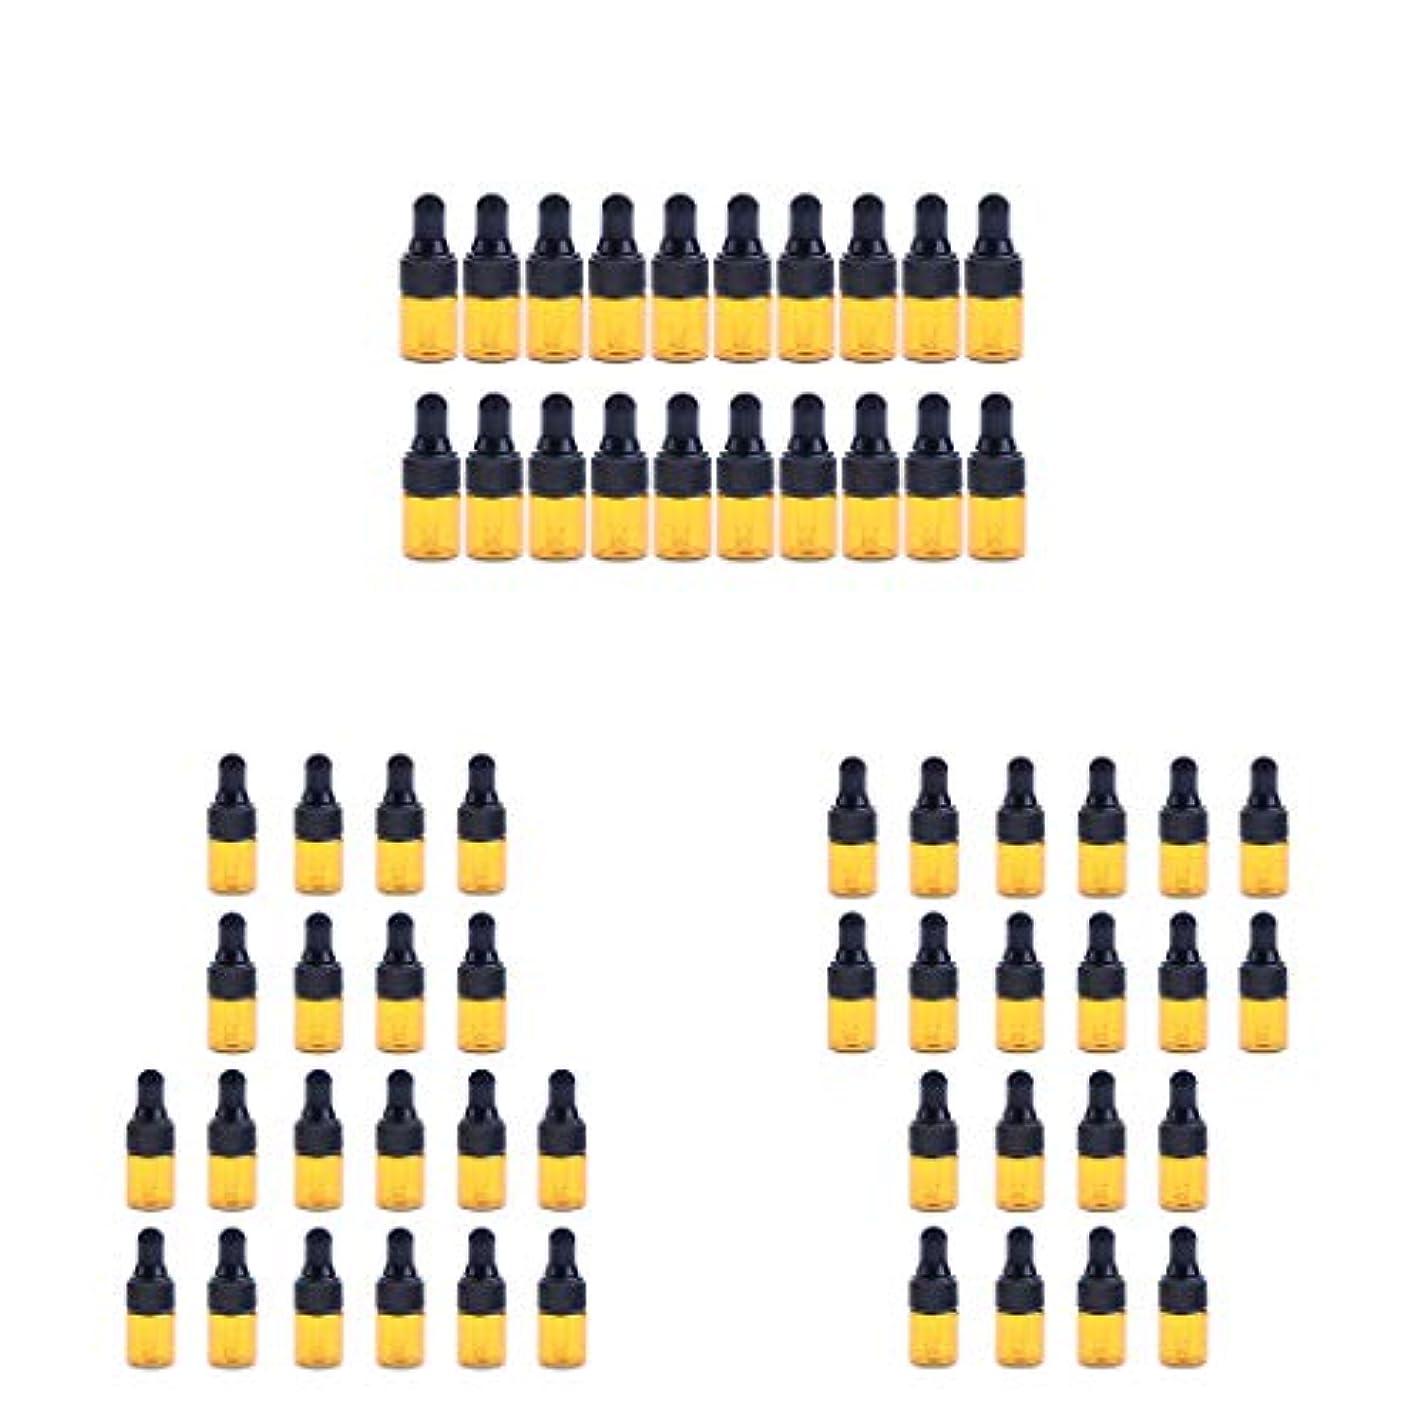 タイト付添人葉エッセンシャルオイル ボトル ガラスボトル スポイト 茶色 遮光ボトル 精油ボトル